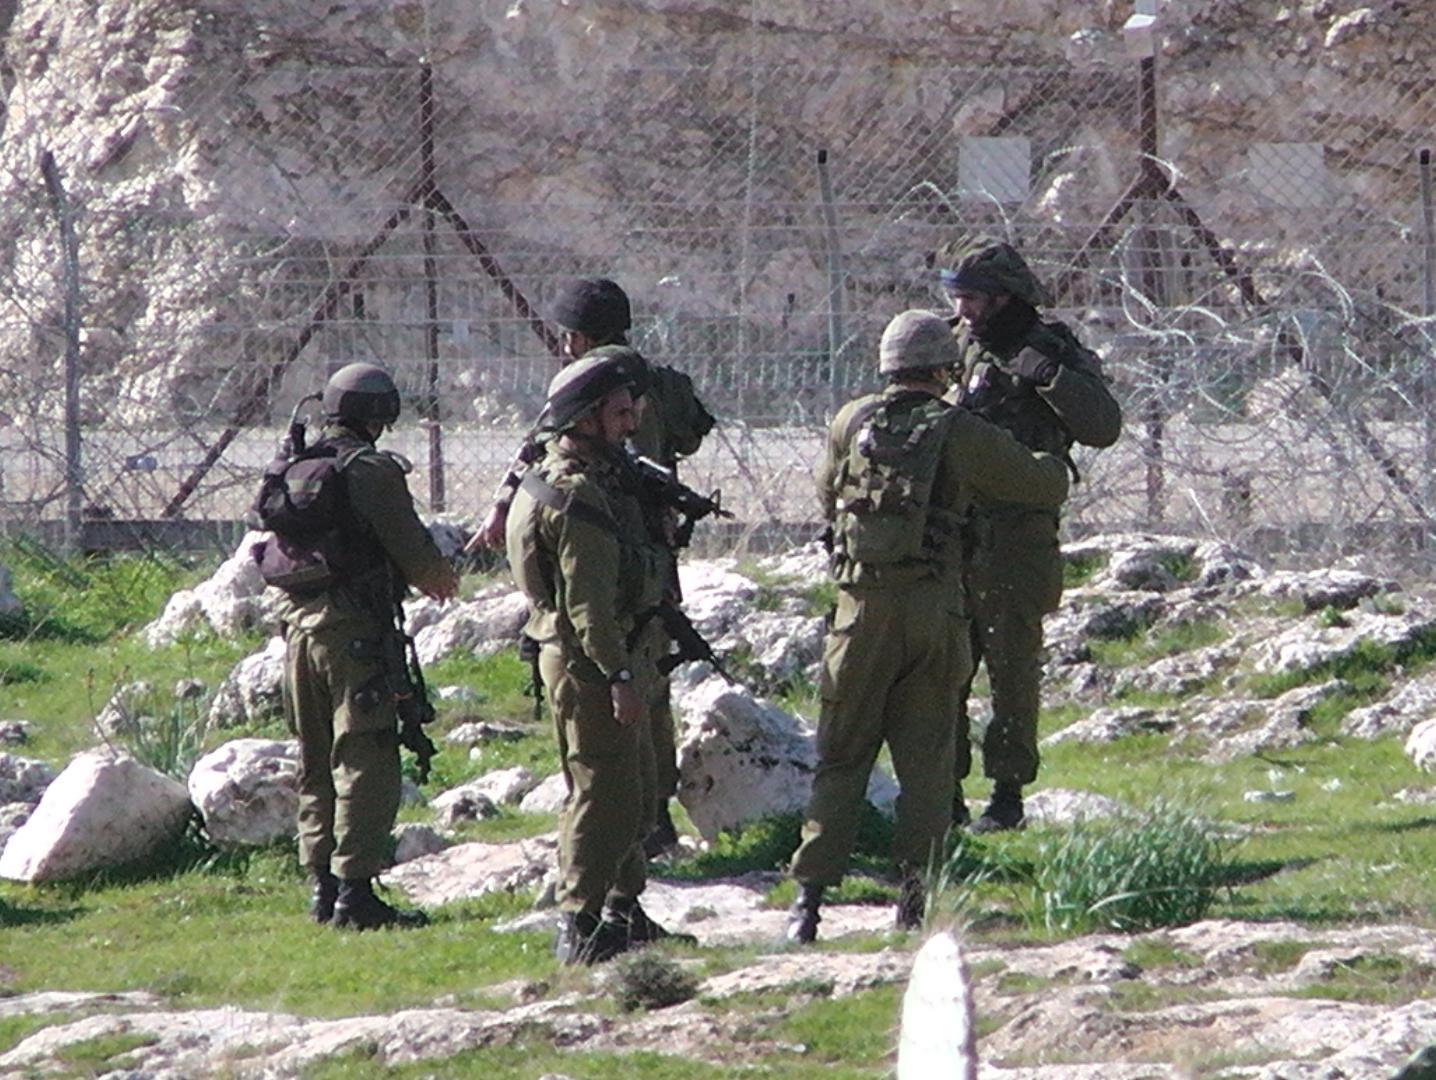 הנתונים נחשפים: רק 4 כתבי אישום על הרג פלסטינים בשנים האחרונות